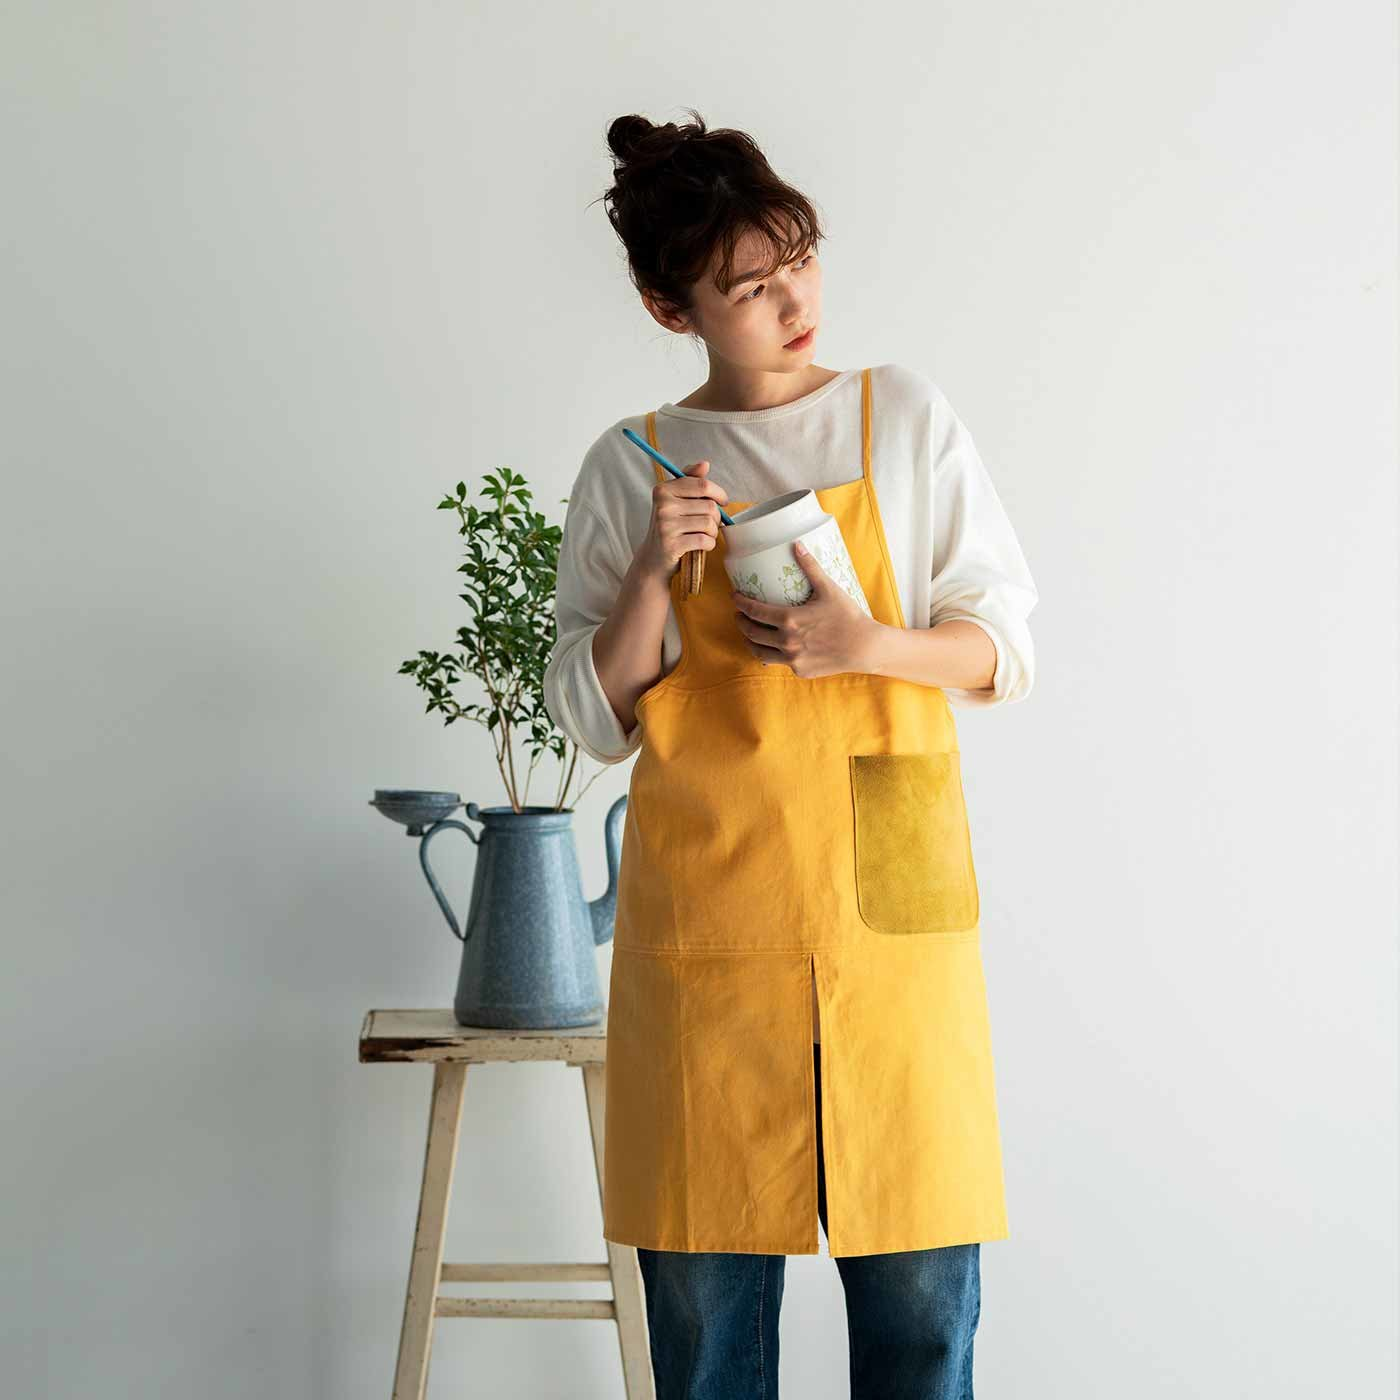 かもめ食堂さんが欲しかった 職人本革遣いの料理人タブリエ〈ハッピーイエロー〉